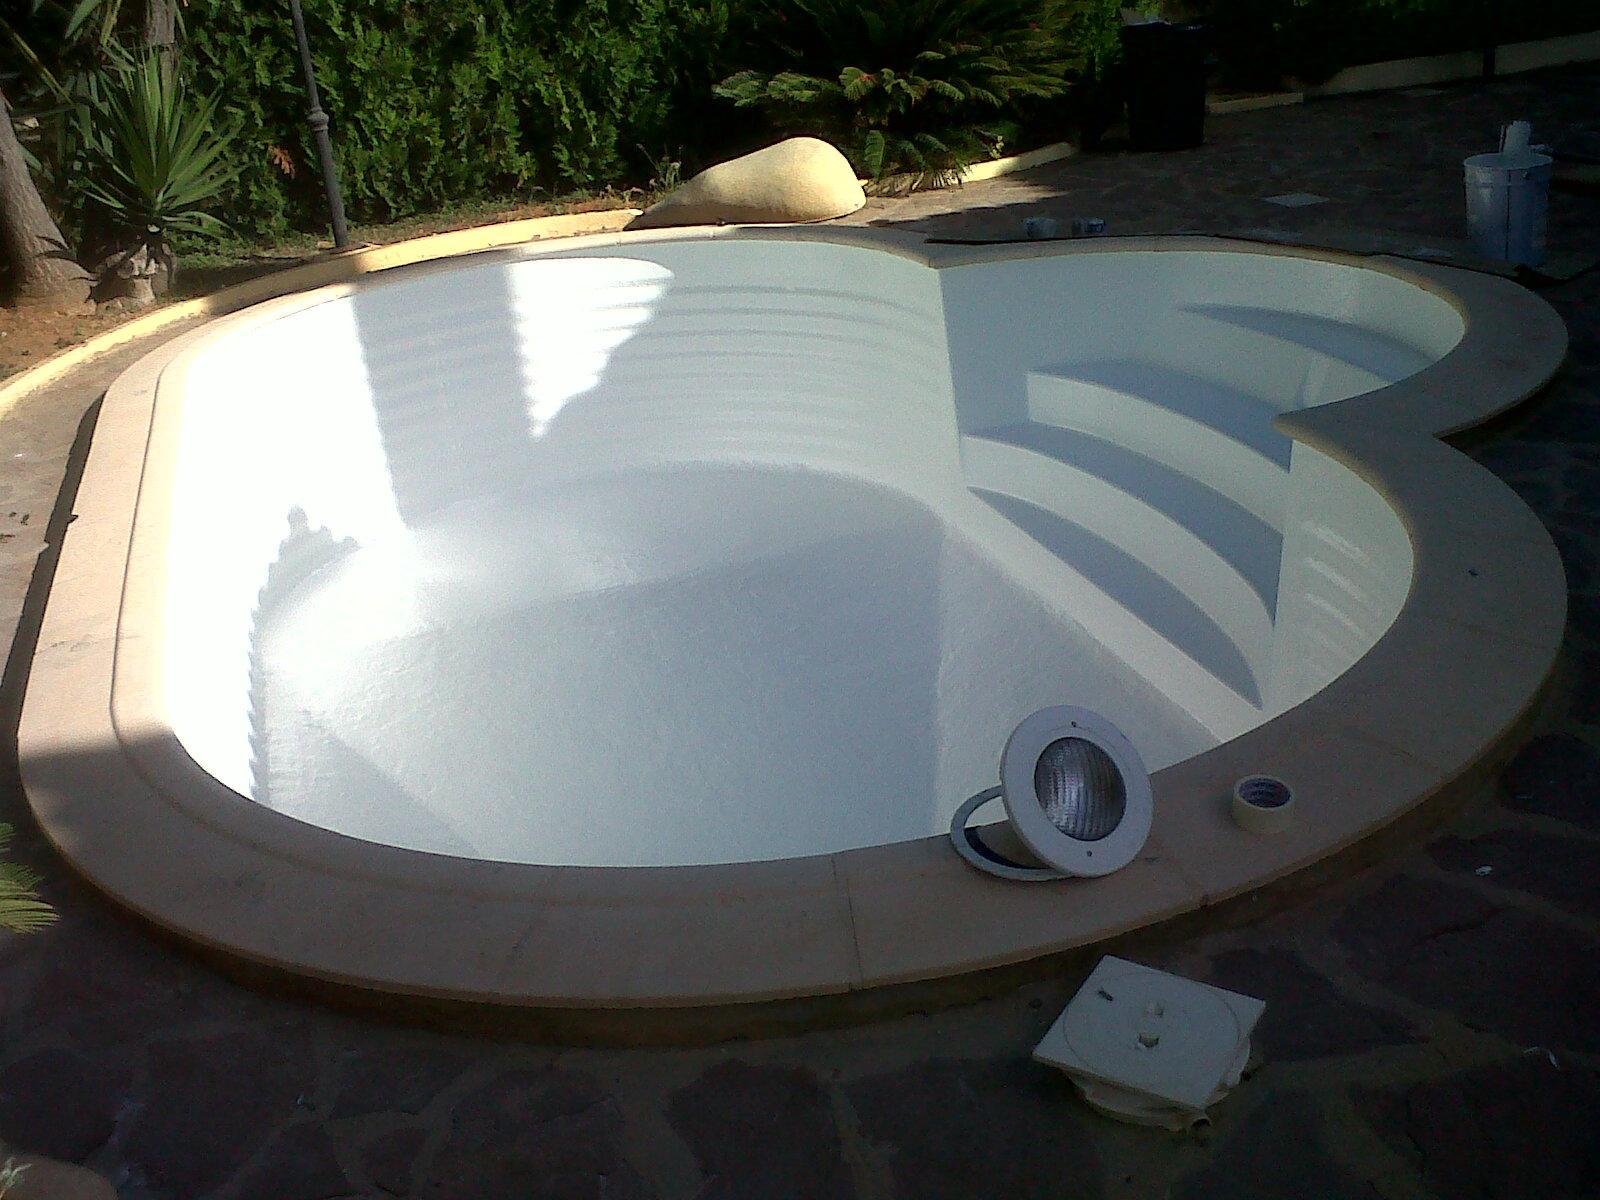 Liner para piscinas toi liner de cm de alto para piscinas circulares x with liner para piscinas - Liner para piscinas precio ...